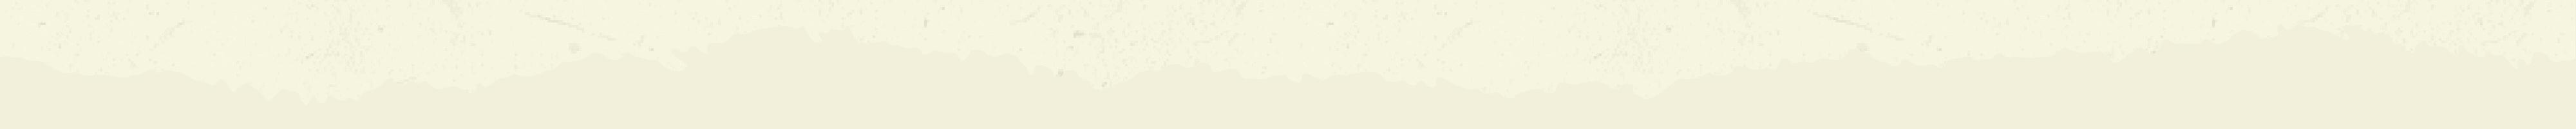 paper-divider-bottom-v2-2@2x